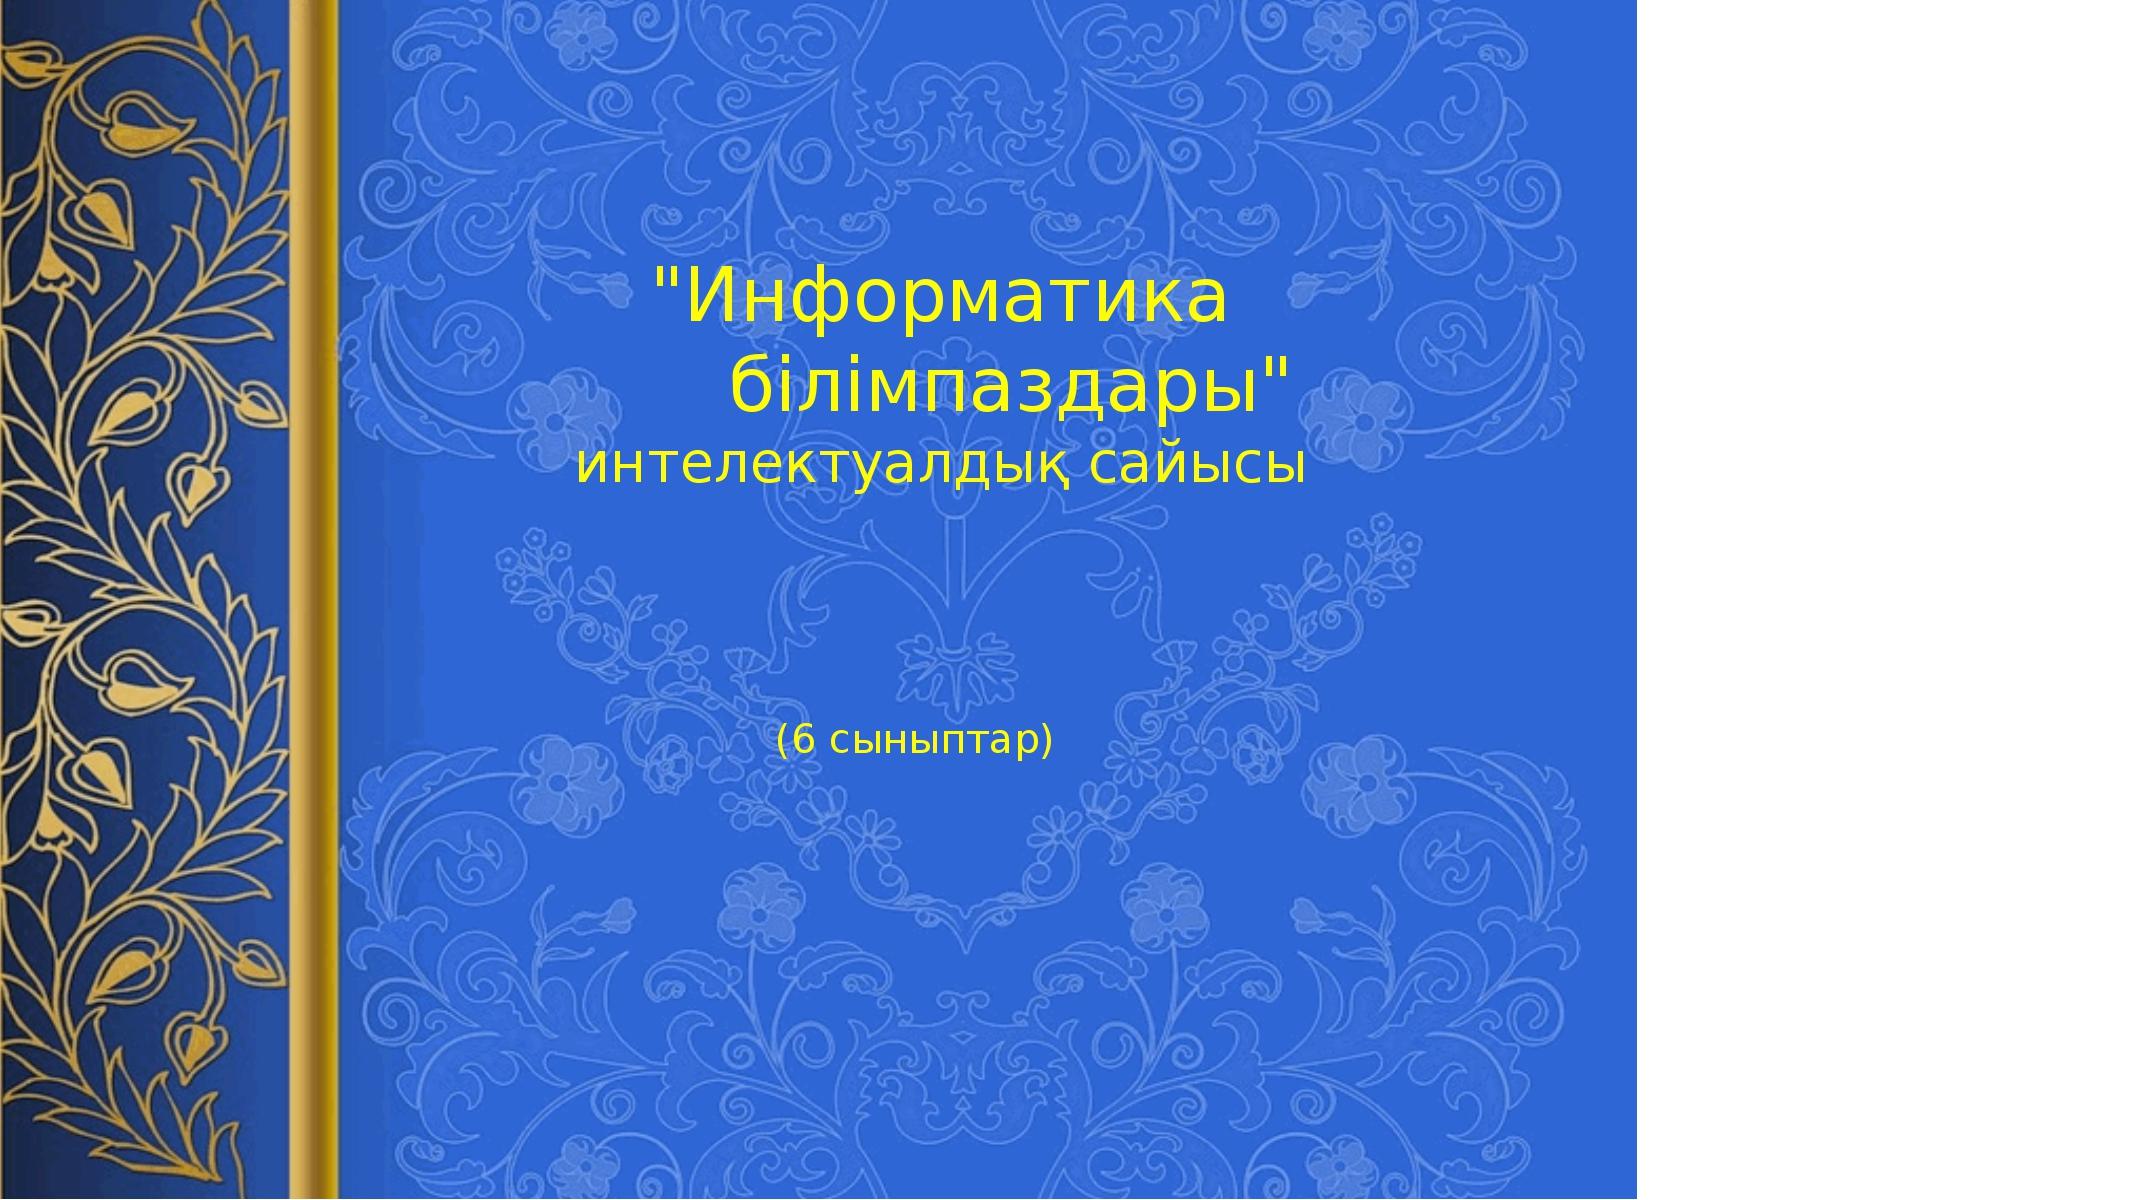 """""""Информатика  білімпаздары"""" интелектуалдық сайысы (6 сыныптар)"""